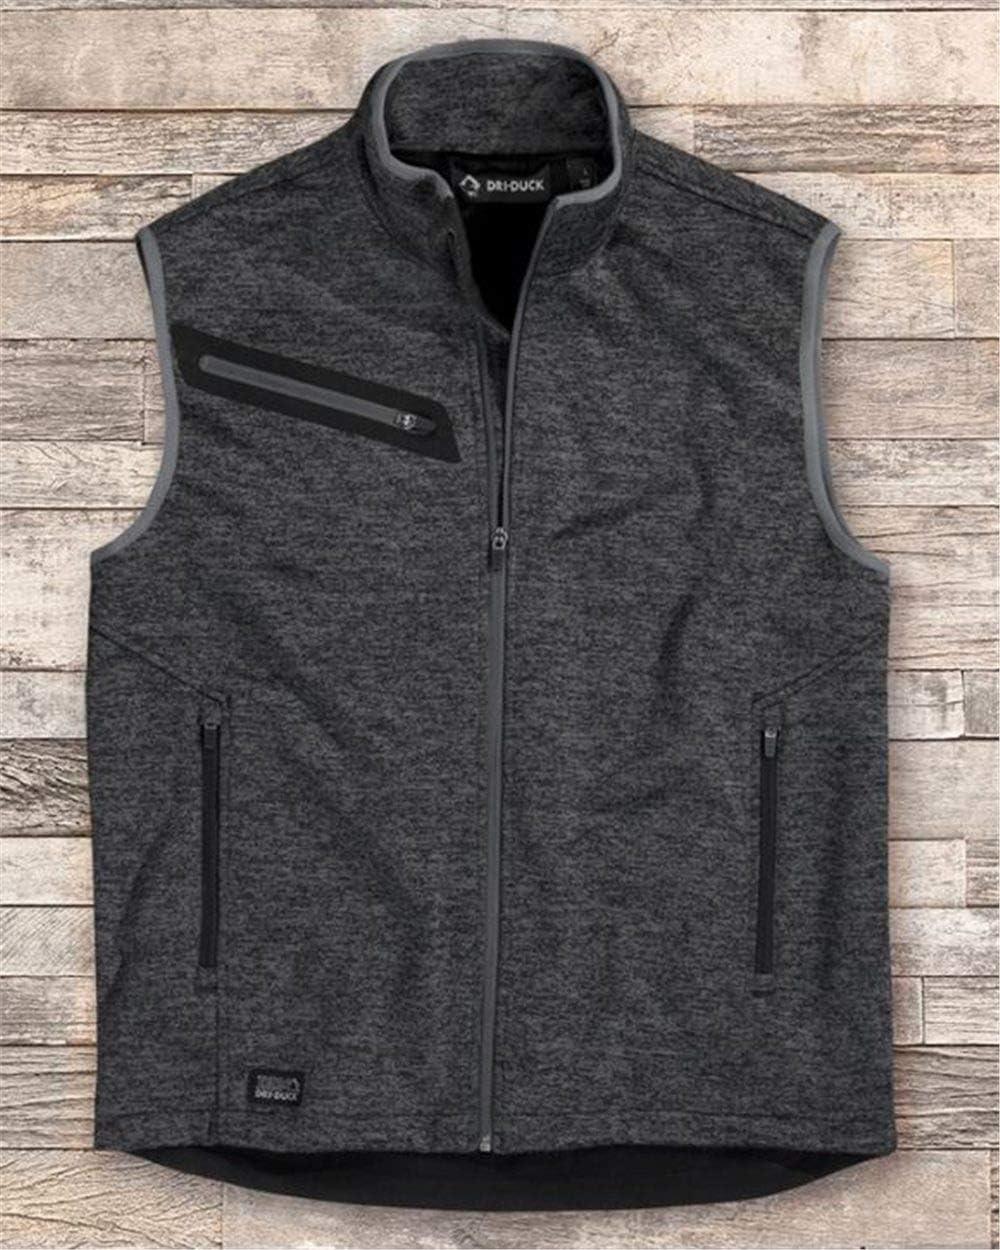 DRI Duck Compass Bonded Mélange Sweater Fleece Vest - Charcoal - M